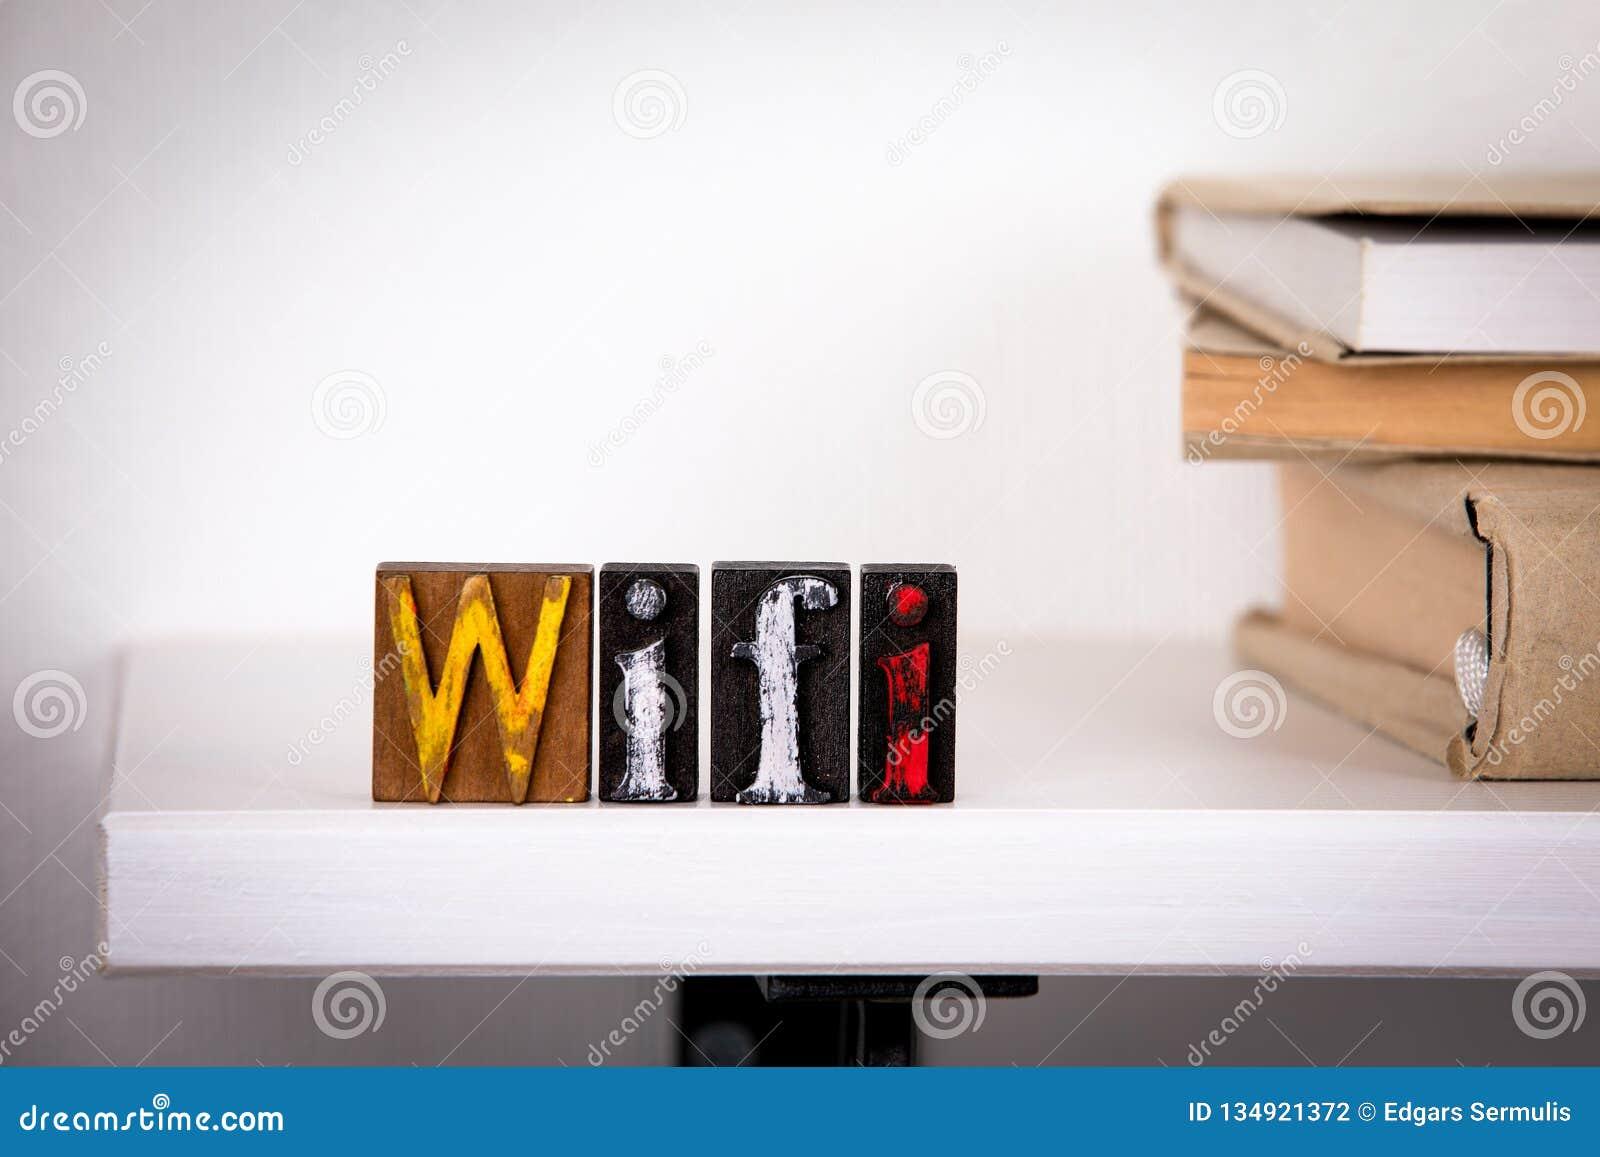 Lettere di legno di parola di Wifi sulla scrivania